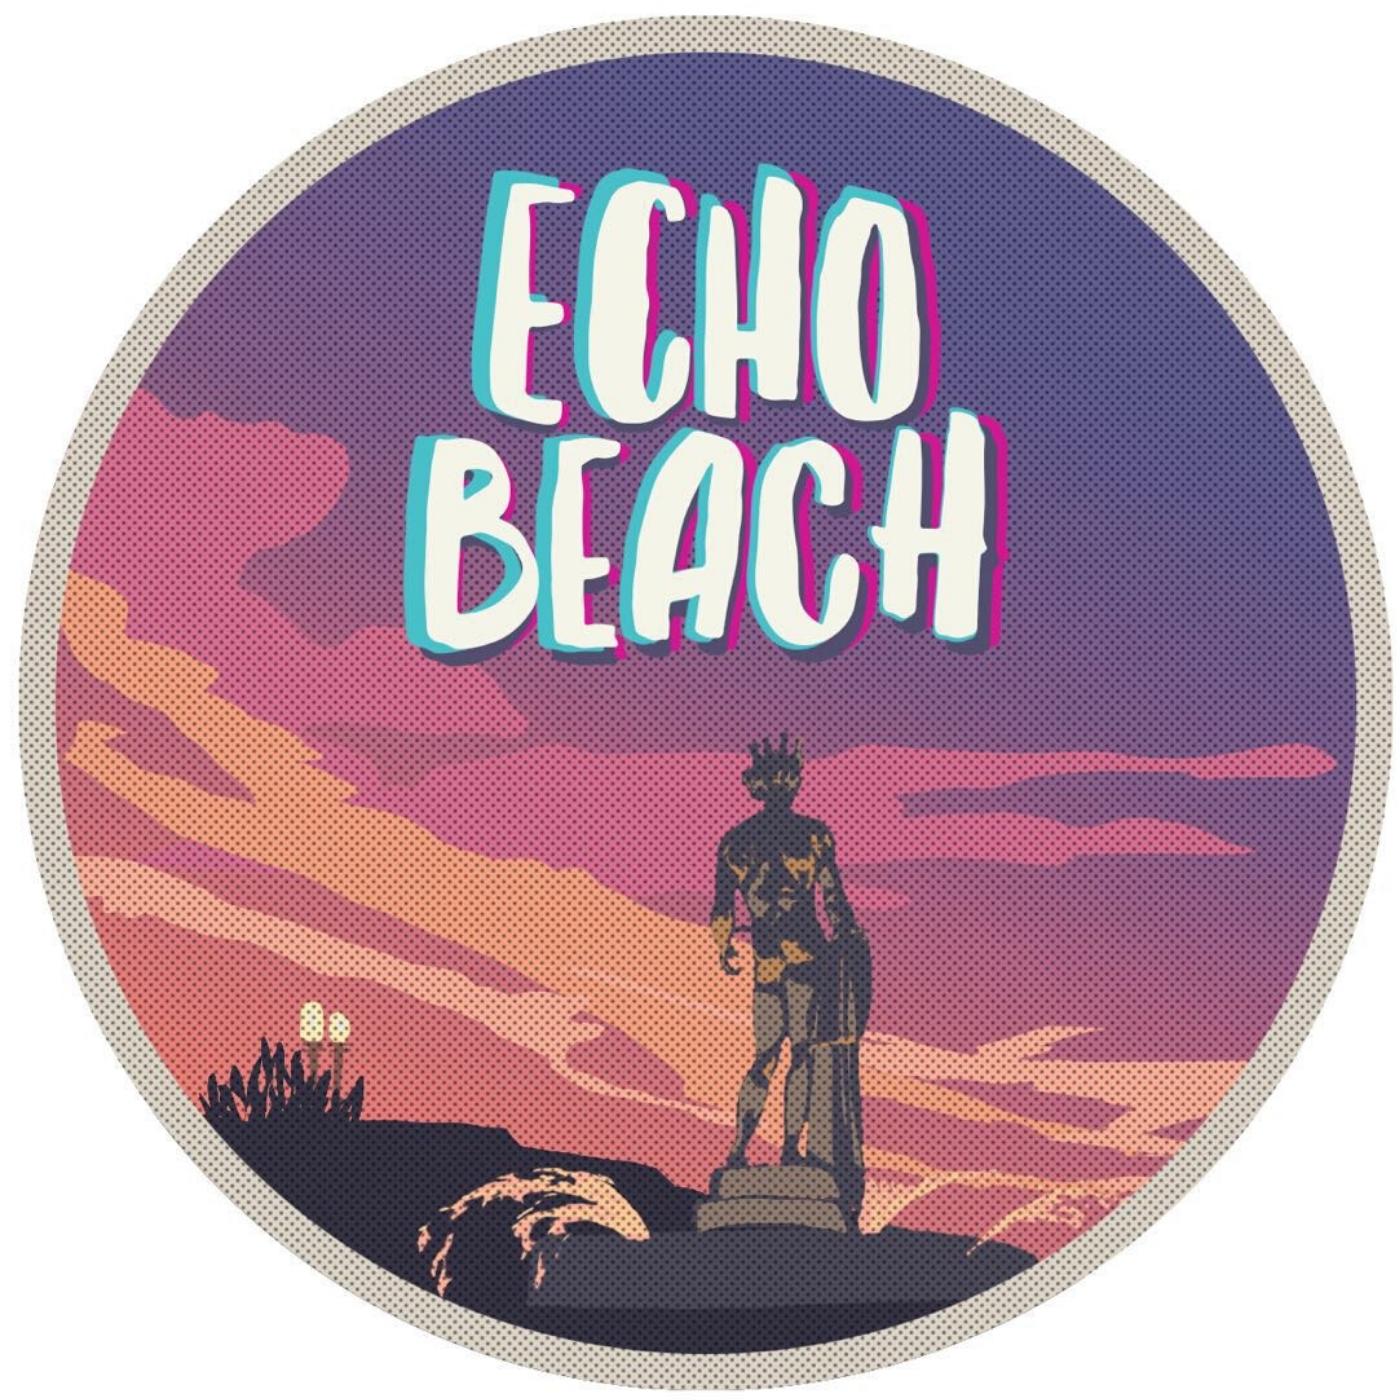 回声海滩EchoBeach 2020